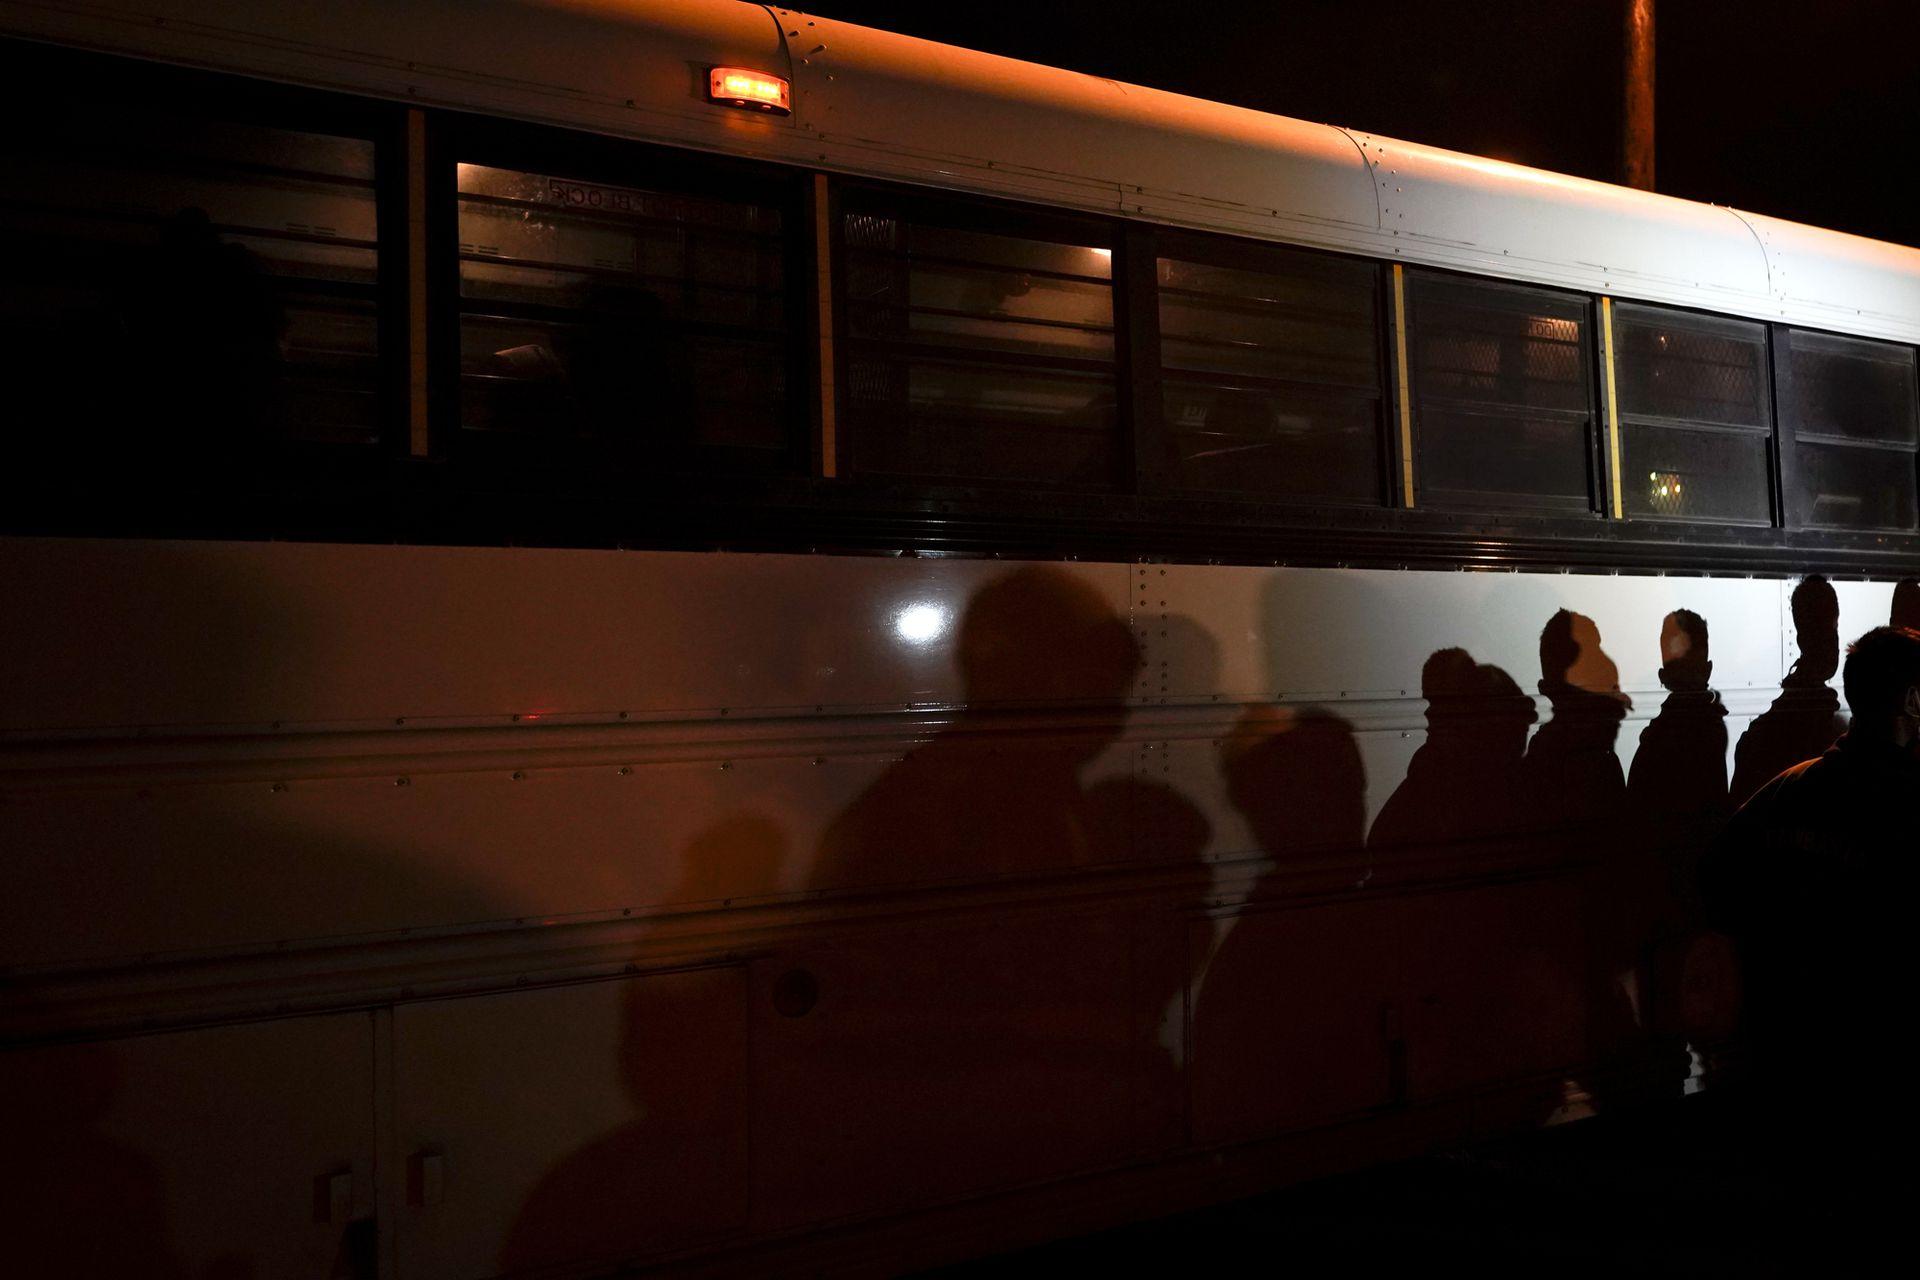 Las sombras de los migrantes alineados se proyectan a lo largo de un autobús, después de entregarse al cruzar la frontera entre Estados Unidos y México en Roma, Texas